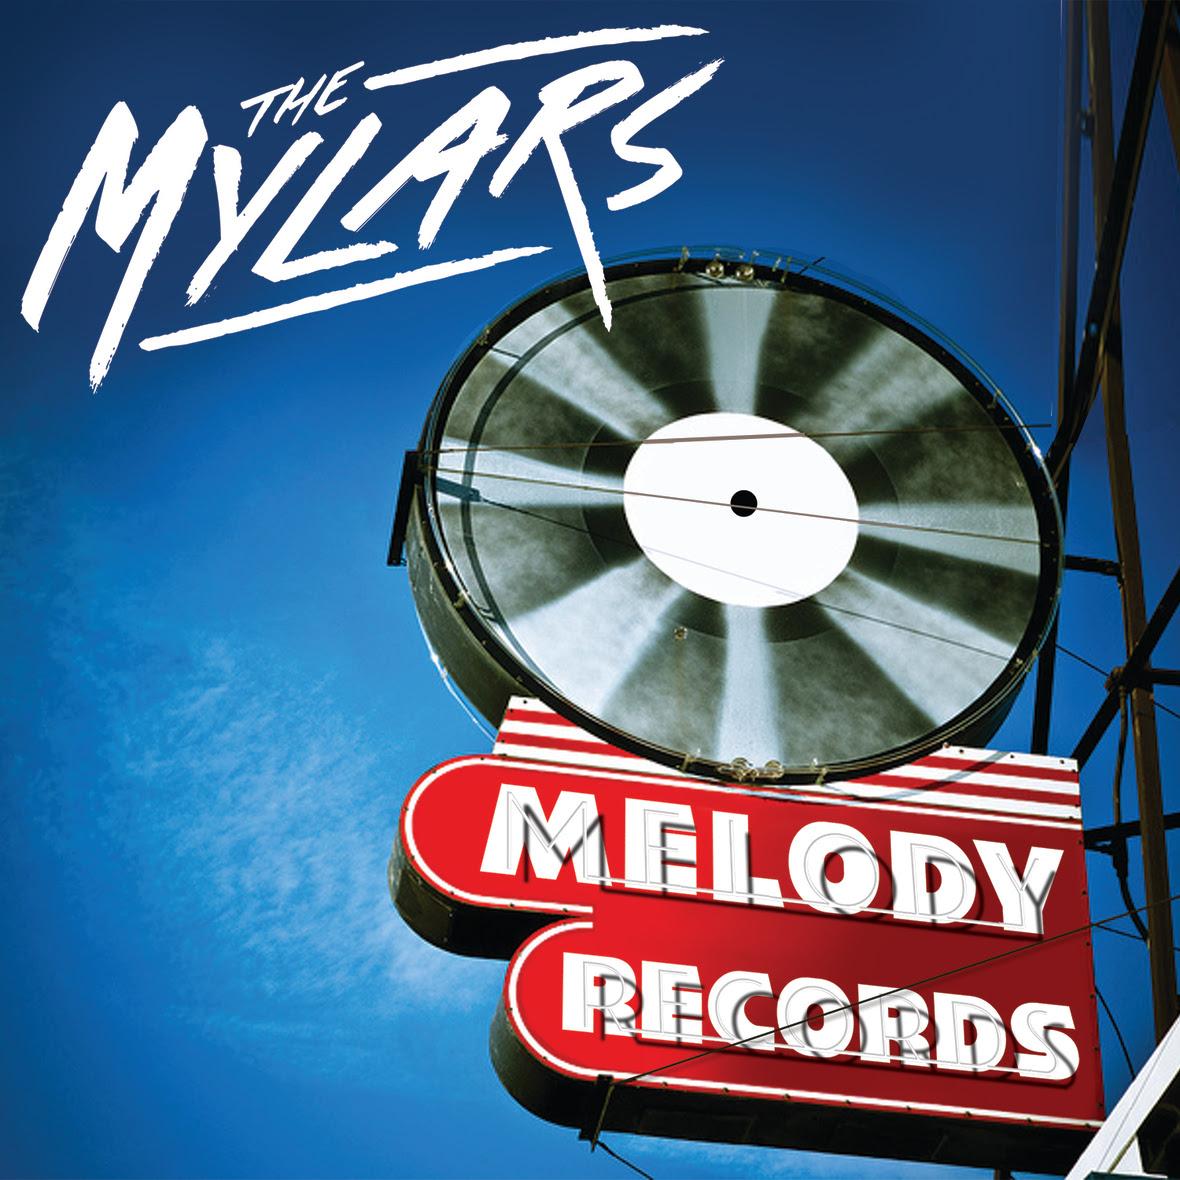 MELODYRECORDS COVER 1500x1500